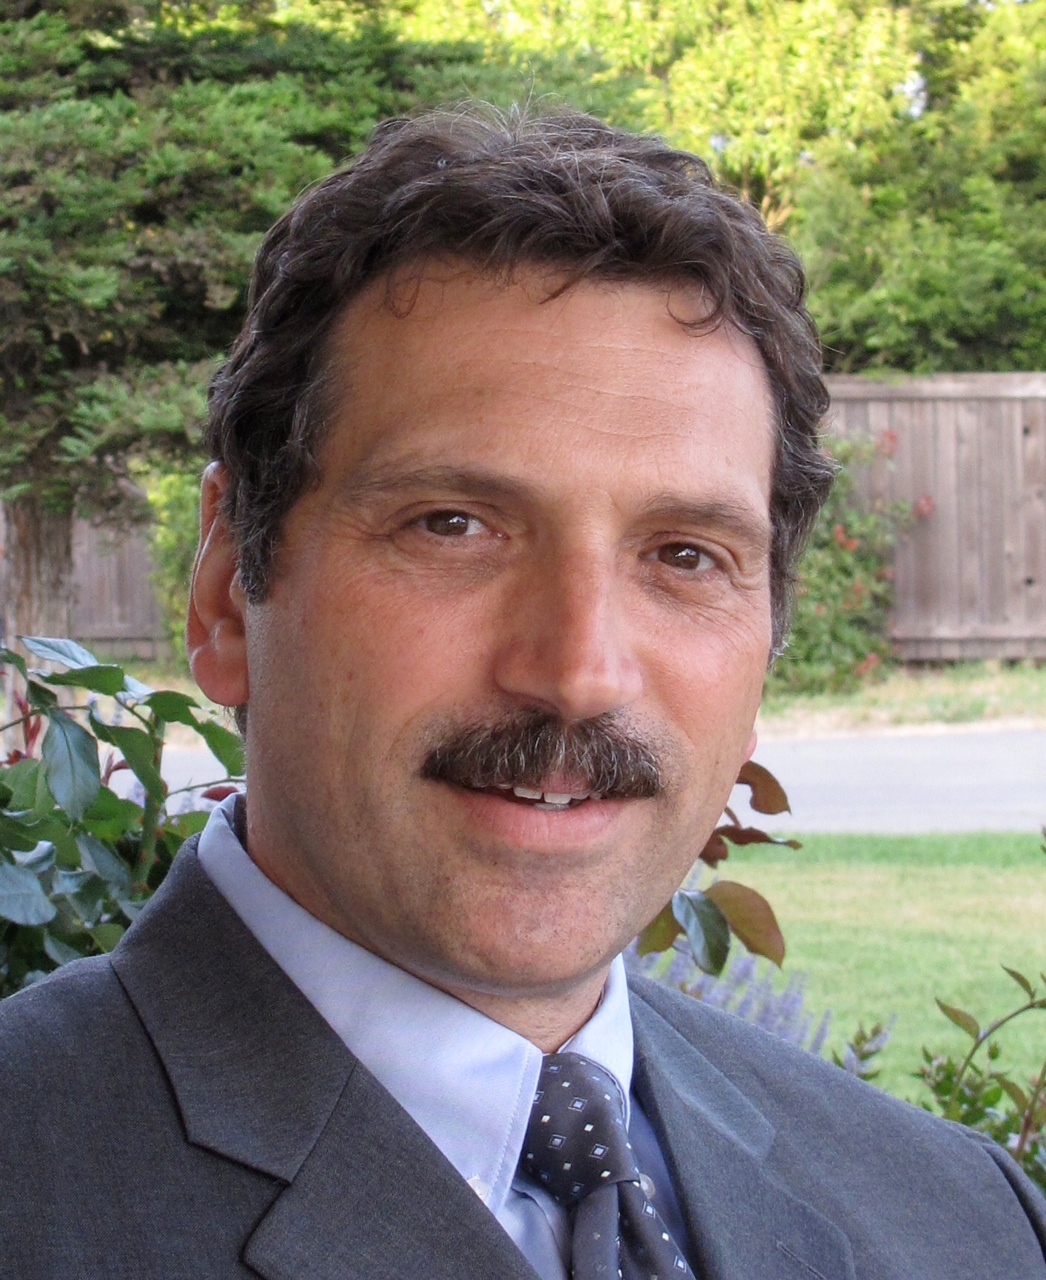 Dr. Fernandez